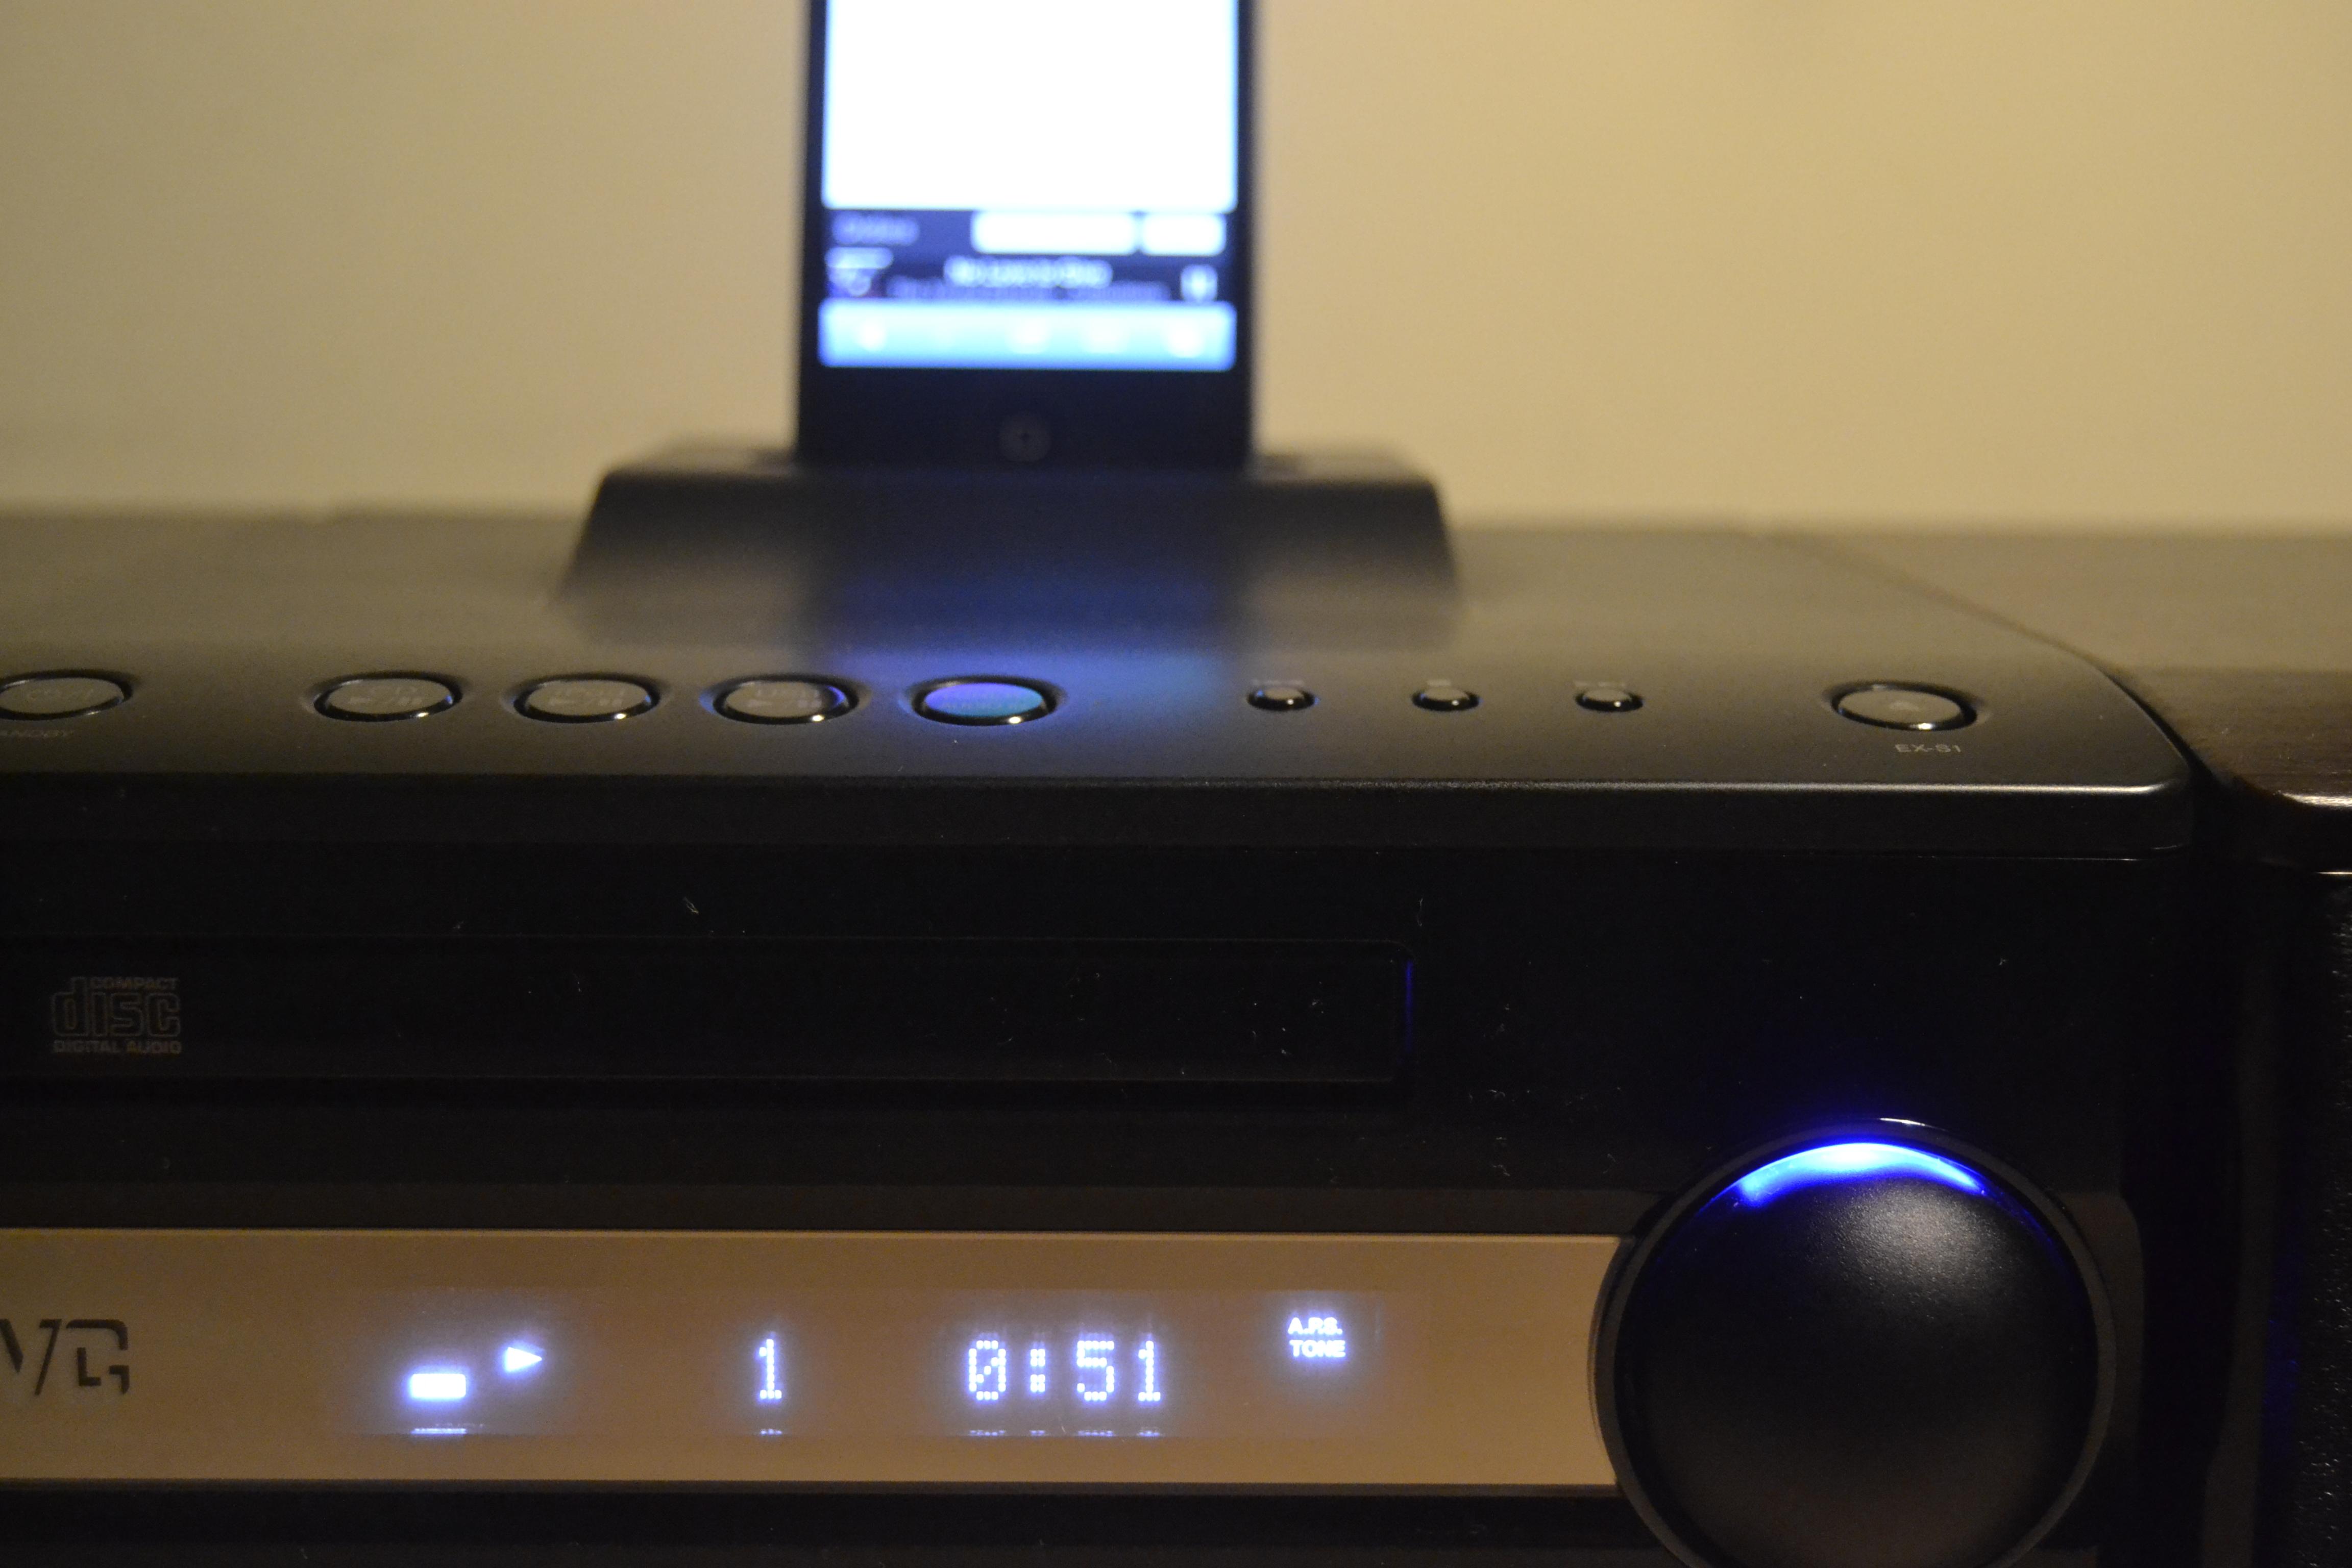 JVC EX-S1: suono, qualità e design vanno di pari passo | iSpazio Product Review